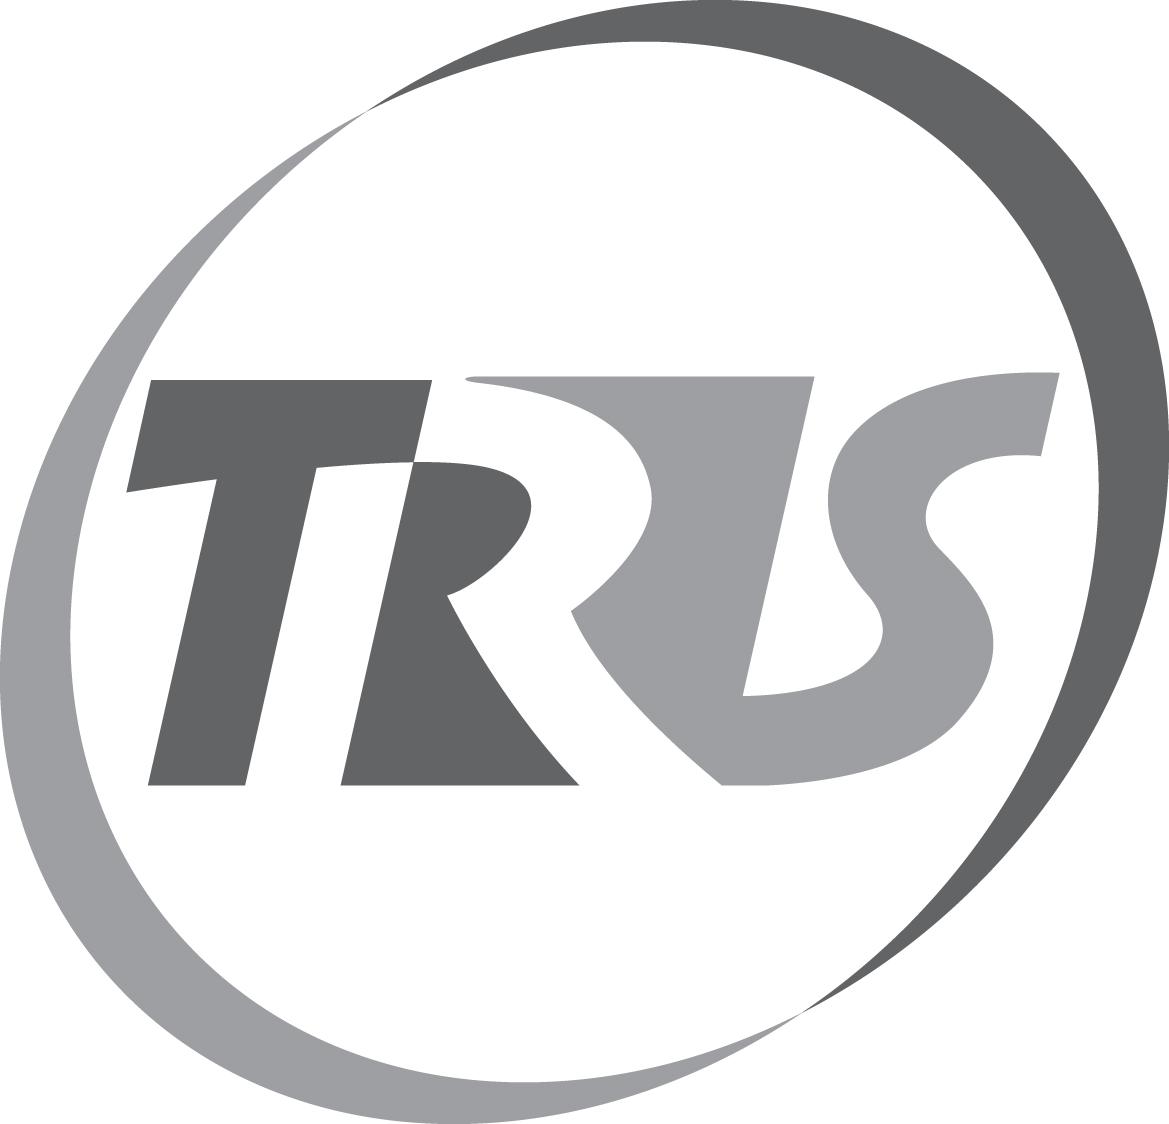 臺北市稅捐稽徵處logo黑白樣式,JPG檔案下載,另開視窗